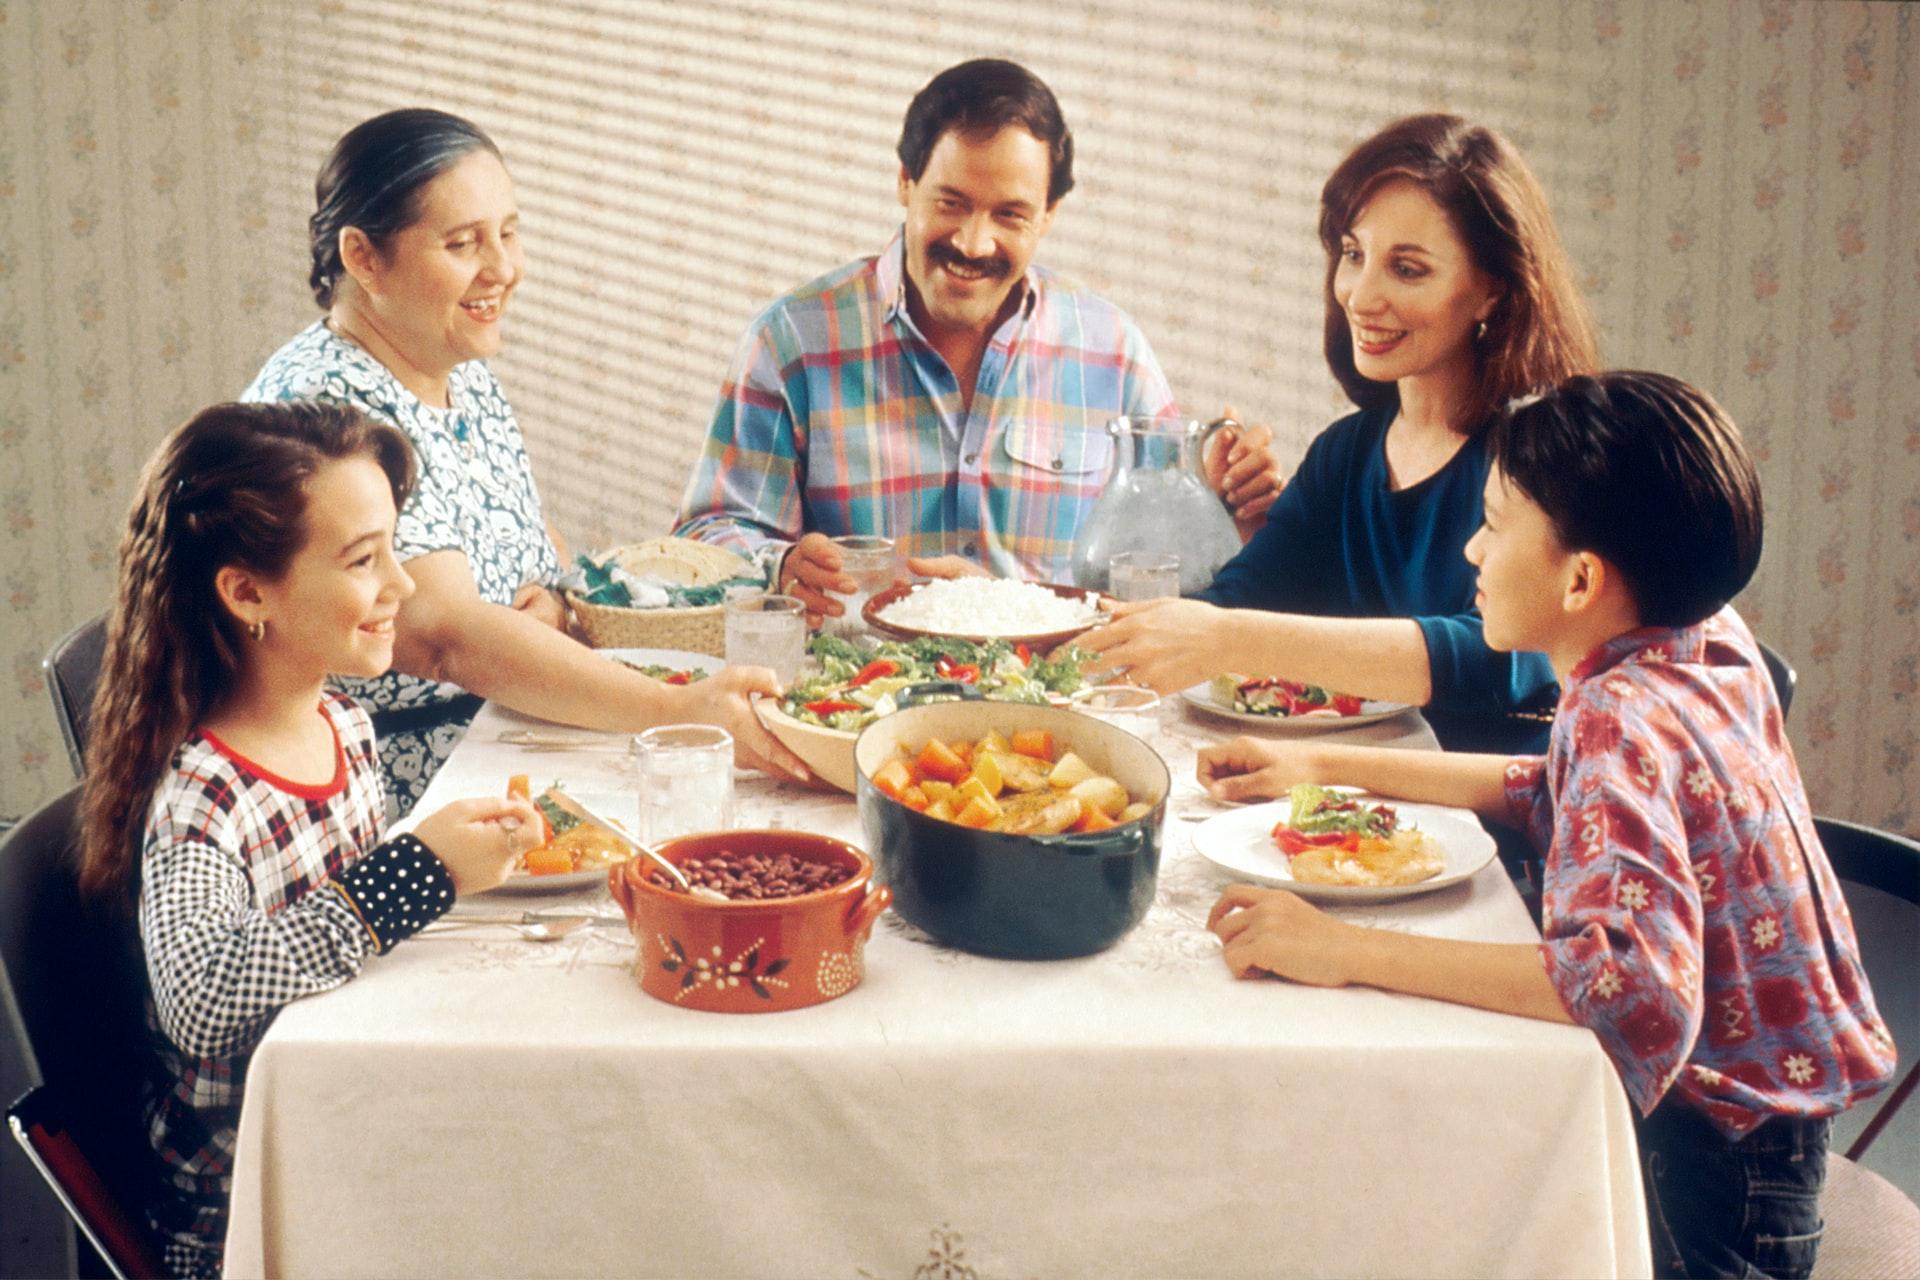 Família almoçando na mesa.